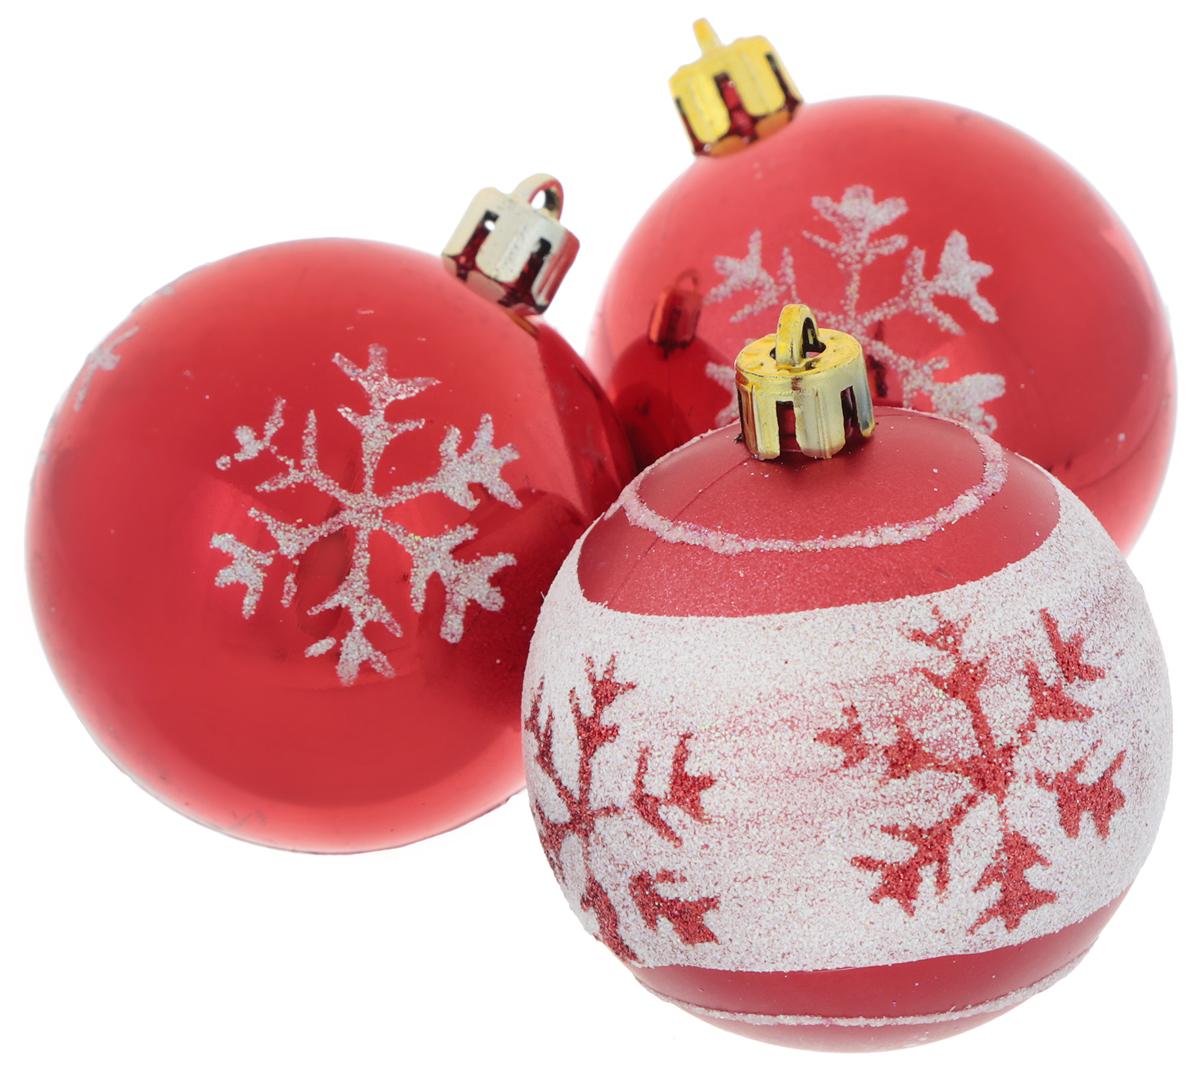 Набор новогодних подвесных украшений EuroHouse Снежинки, цвет: белый, красный, диаметр 6 см, 3 штЕХ9268_1 красный/2 красный, белыйНабор новогодних подвесных украшений EuroHouse прекрасно подойдет для праздничного декора новогодней ели. Набор состоит из 2 пластиковых украшений в виде глянцевых шаров и 1 матового с белой полоской.Для удобного размещения на елке для каждого изделия предусмотрена текстильная петелька.Елочная игрушка - символ Нового года. Она несет в себе волшебство и красоту праздника. Создайте в своем доме атмосферу веселья и радости, украшая новогоднюю елку нарядными игрушками, которые будут из года в год накапливать теплоту воспоминаний.